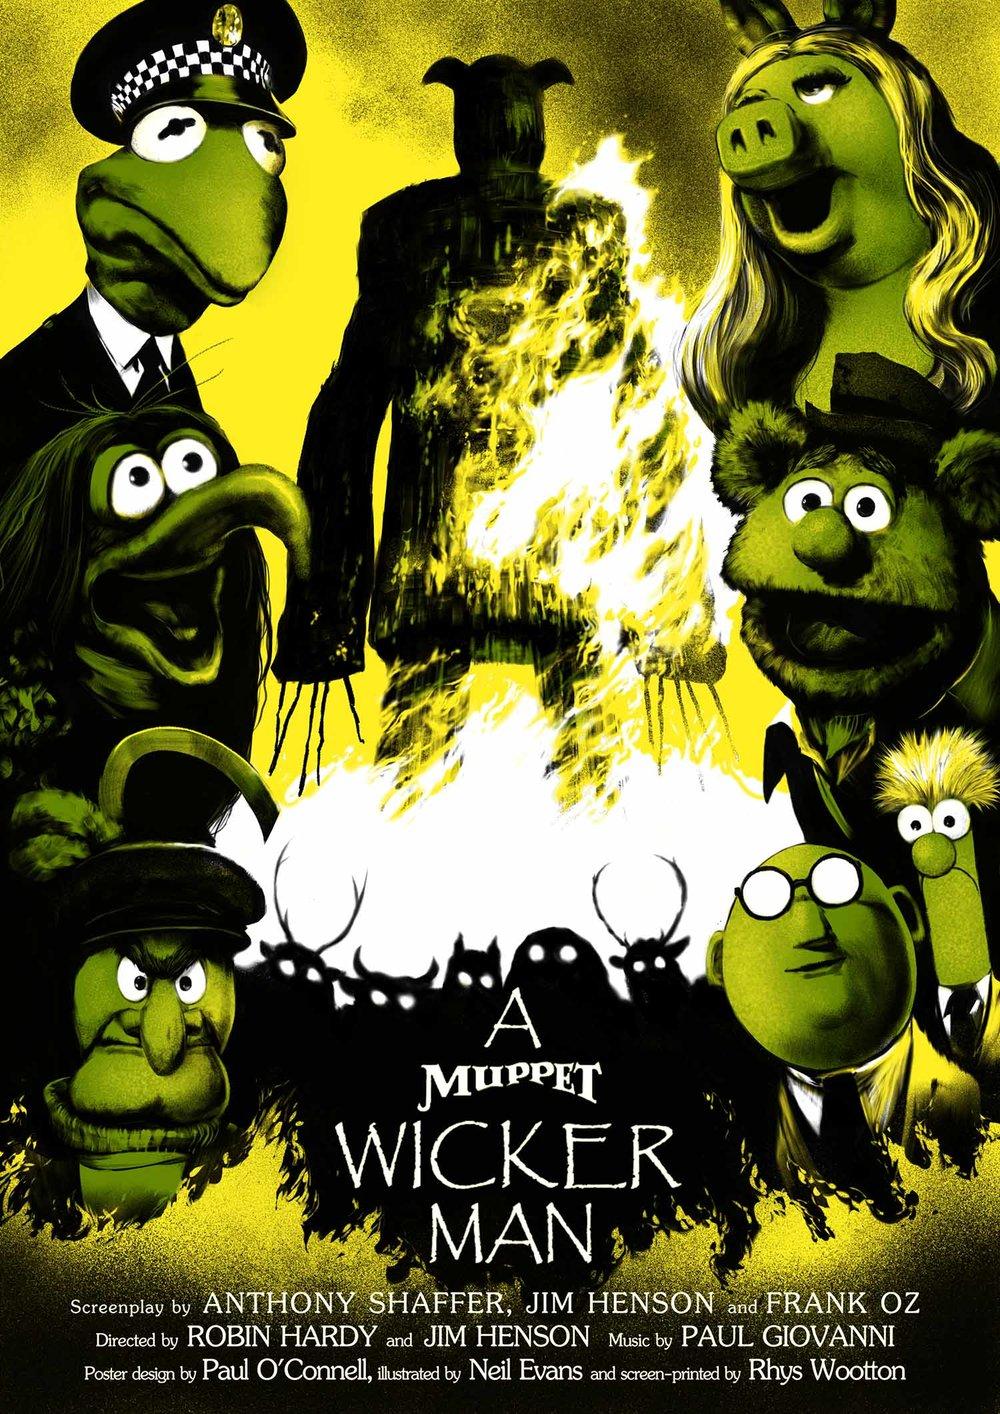 A Muppet Wicker Man